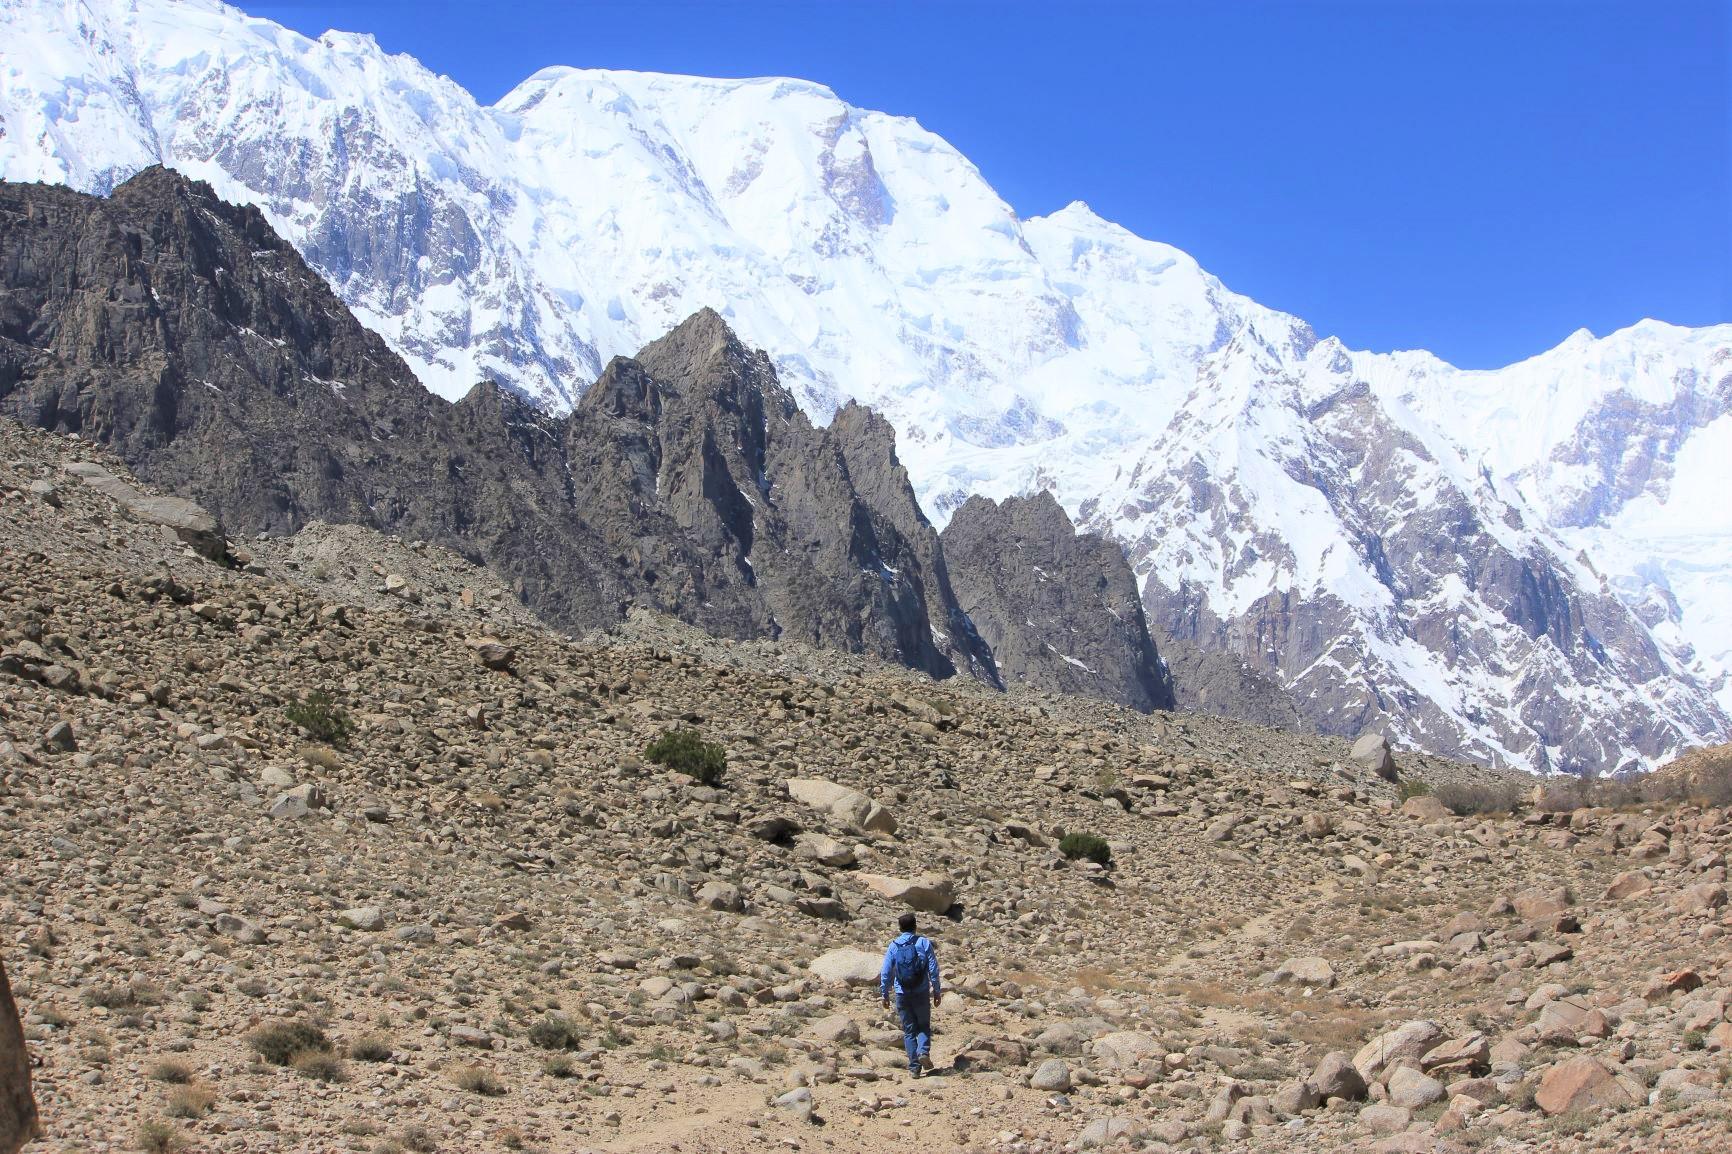 グルキンを出発し、ウルタルⅡ峰(7,388m)を望みながら歩く(5日目)